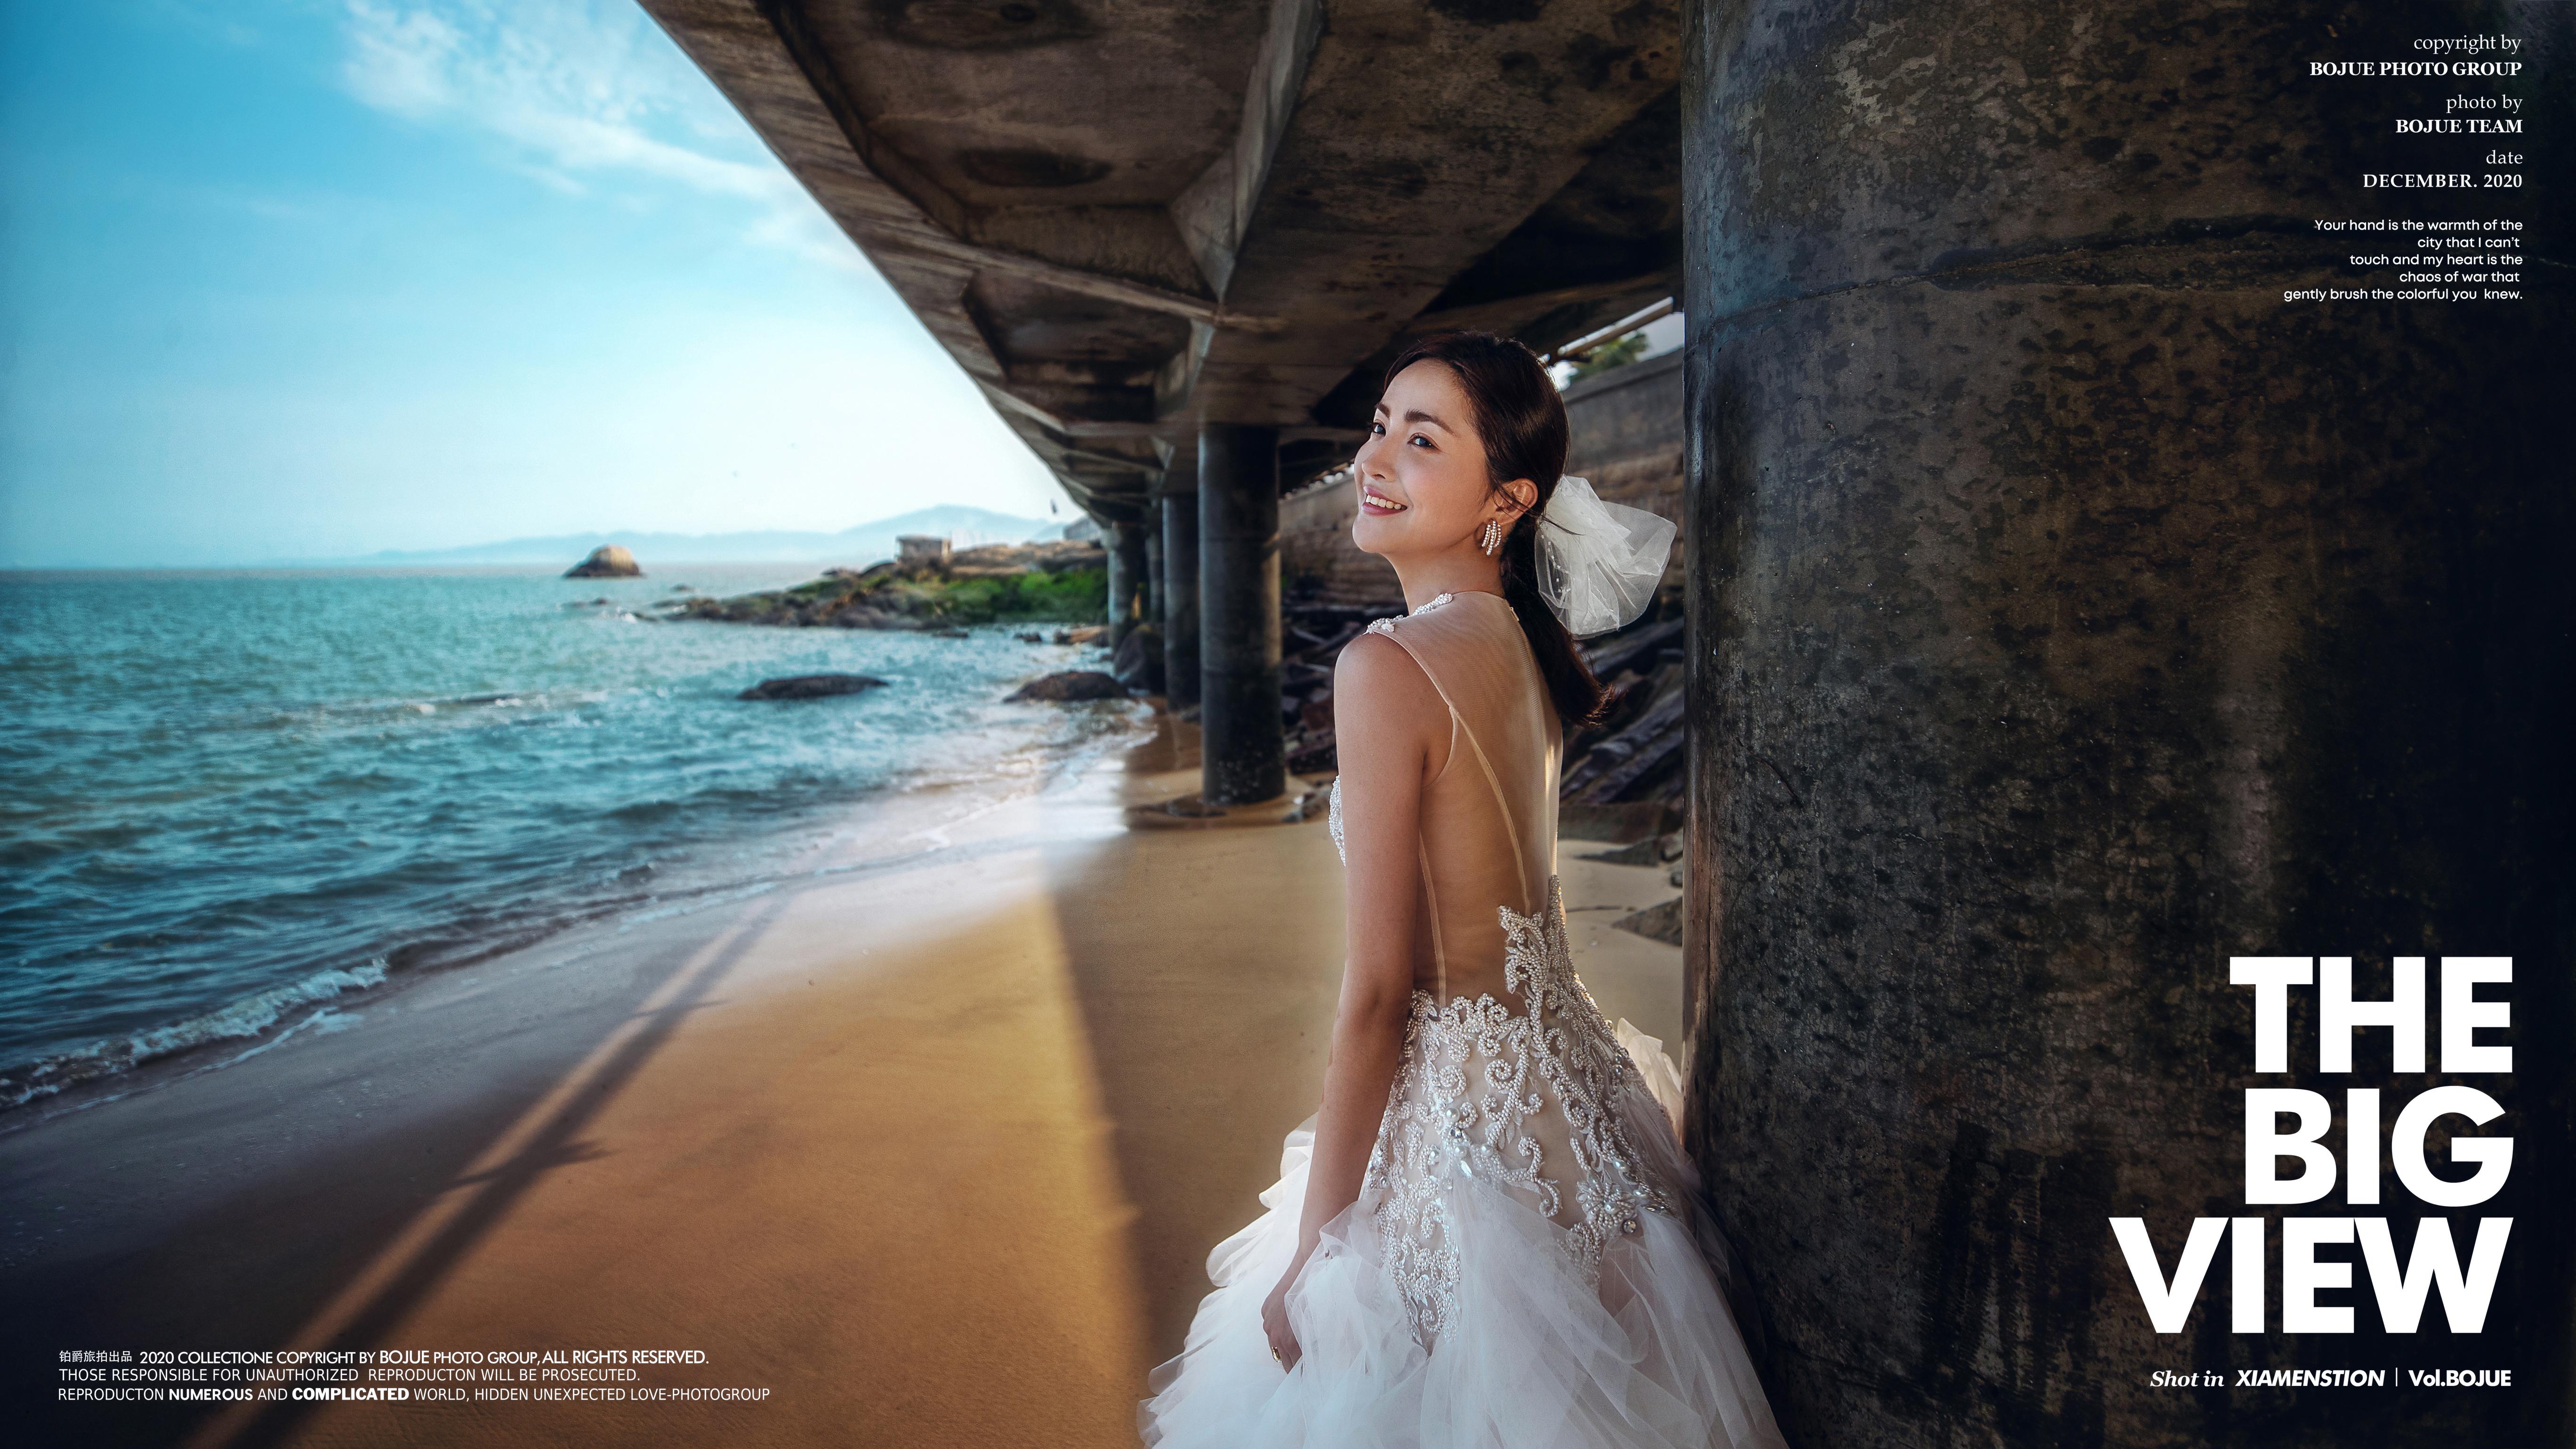 婚纱照选片后一般多久能拿到 厦门婚纱照选片技巧